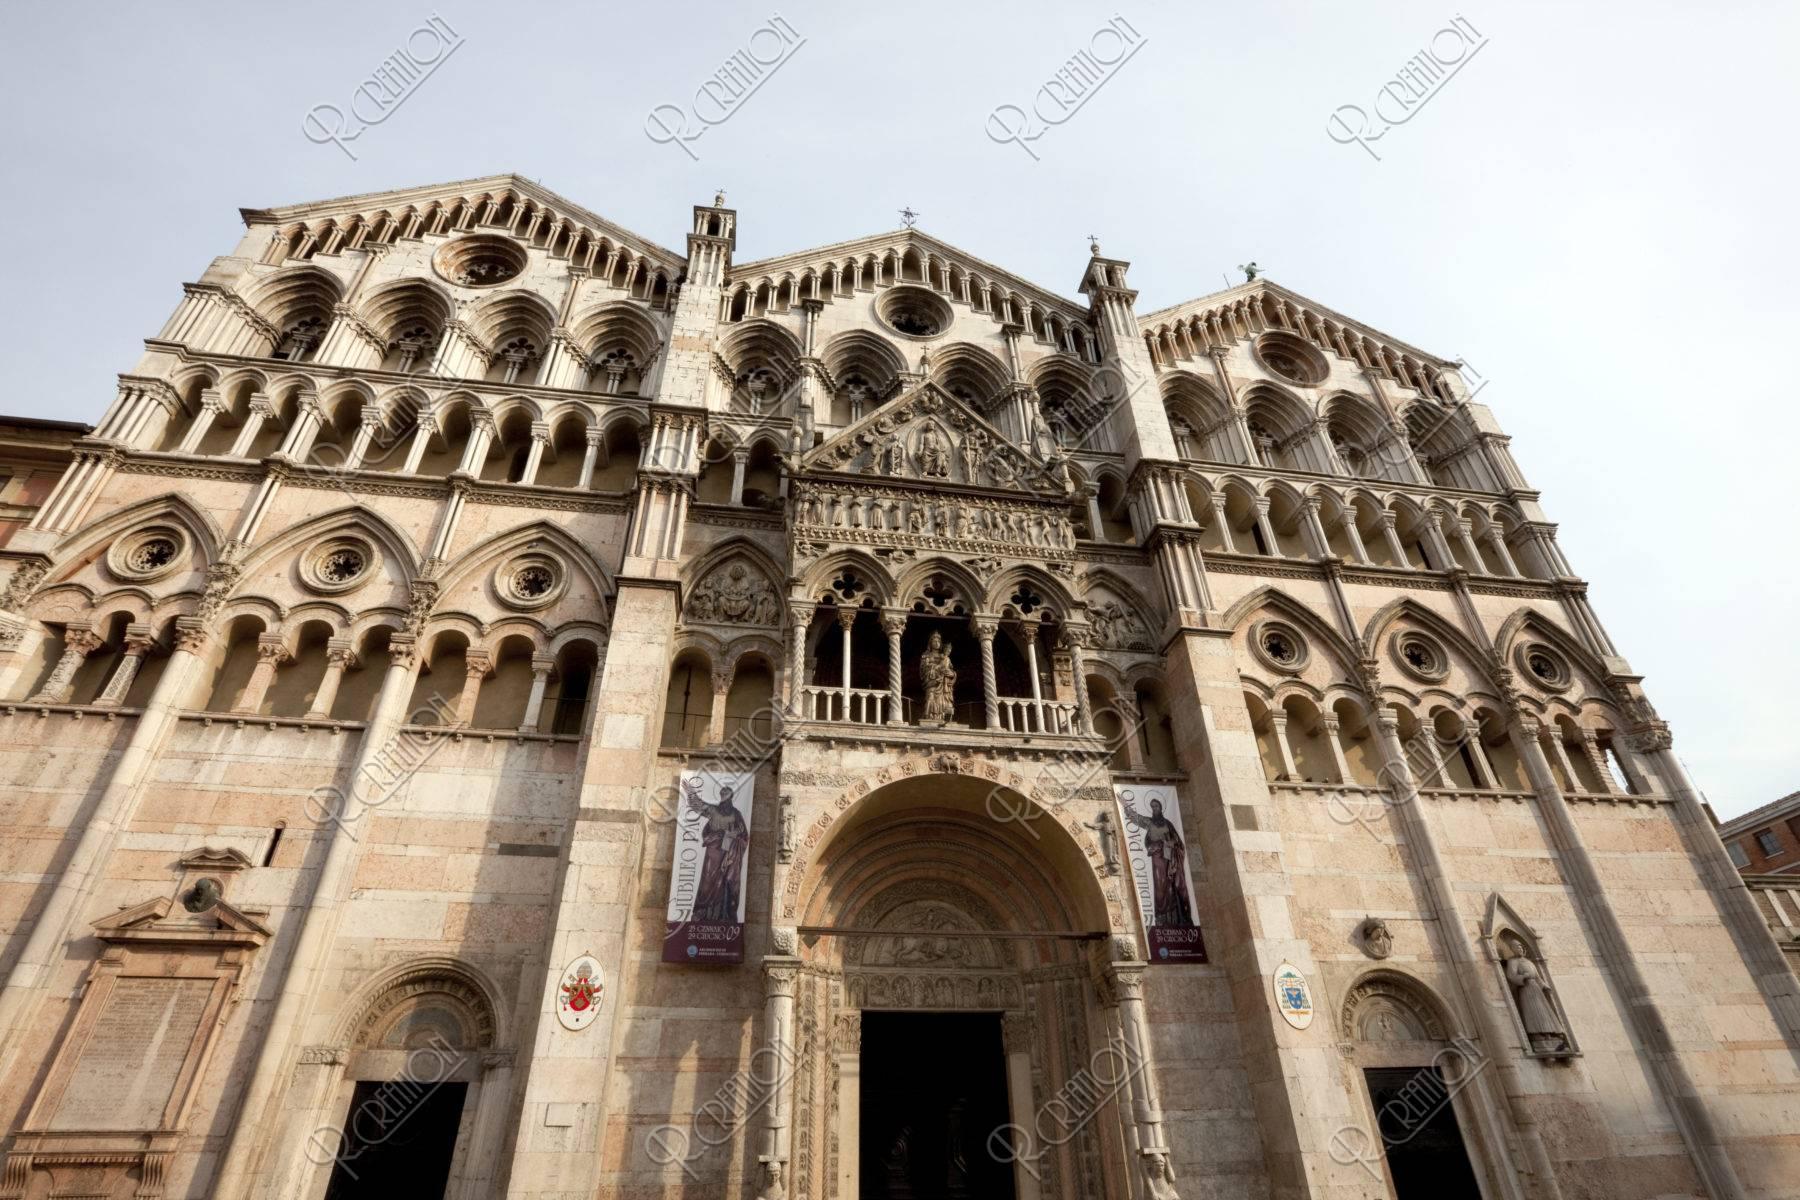 サンジョルジョ大聖堂 世界遺産